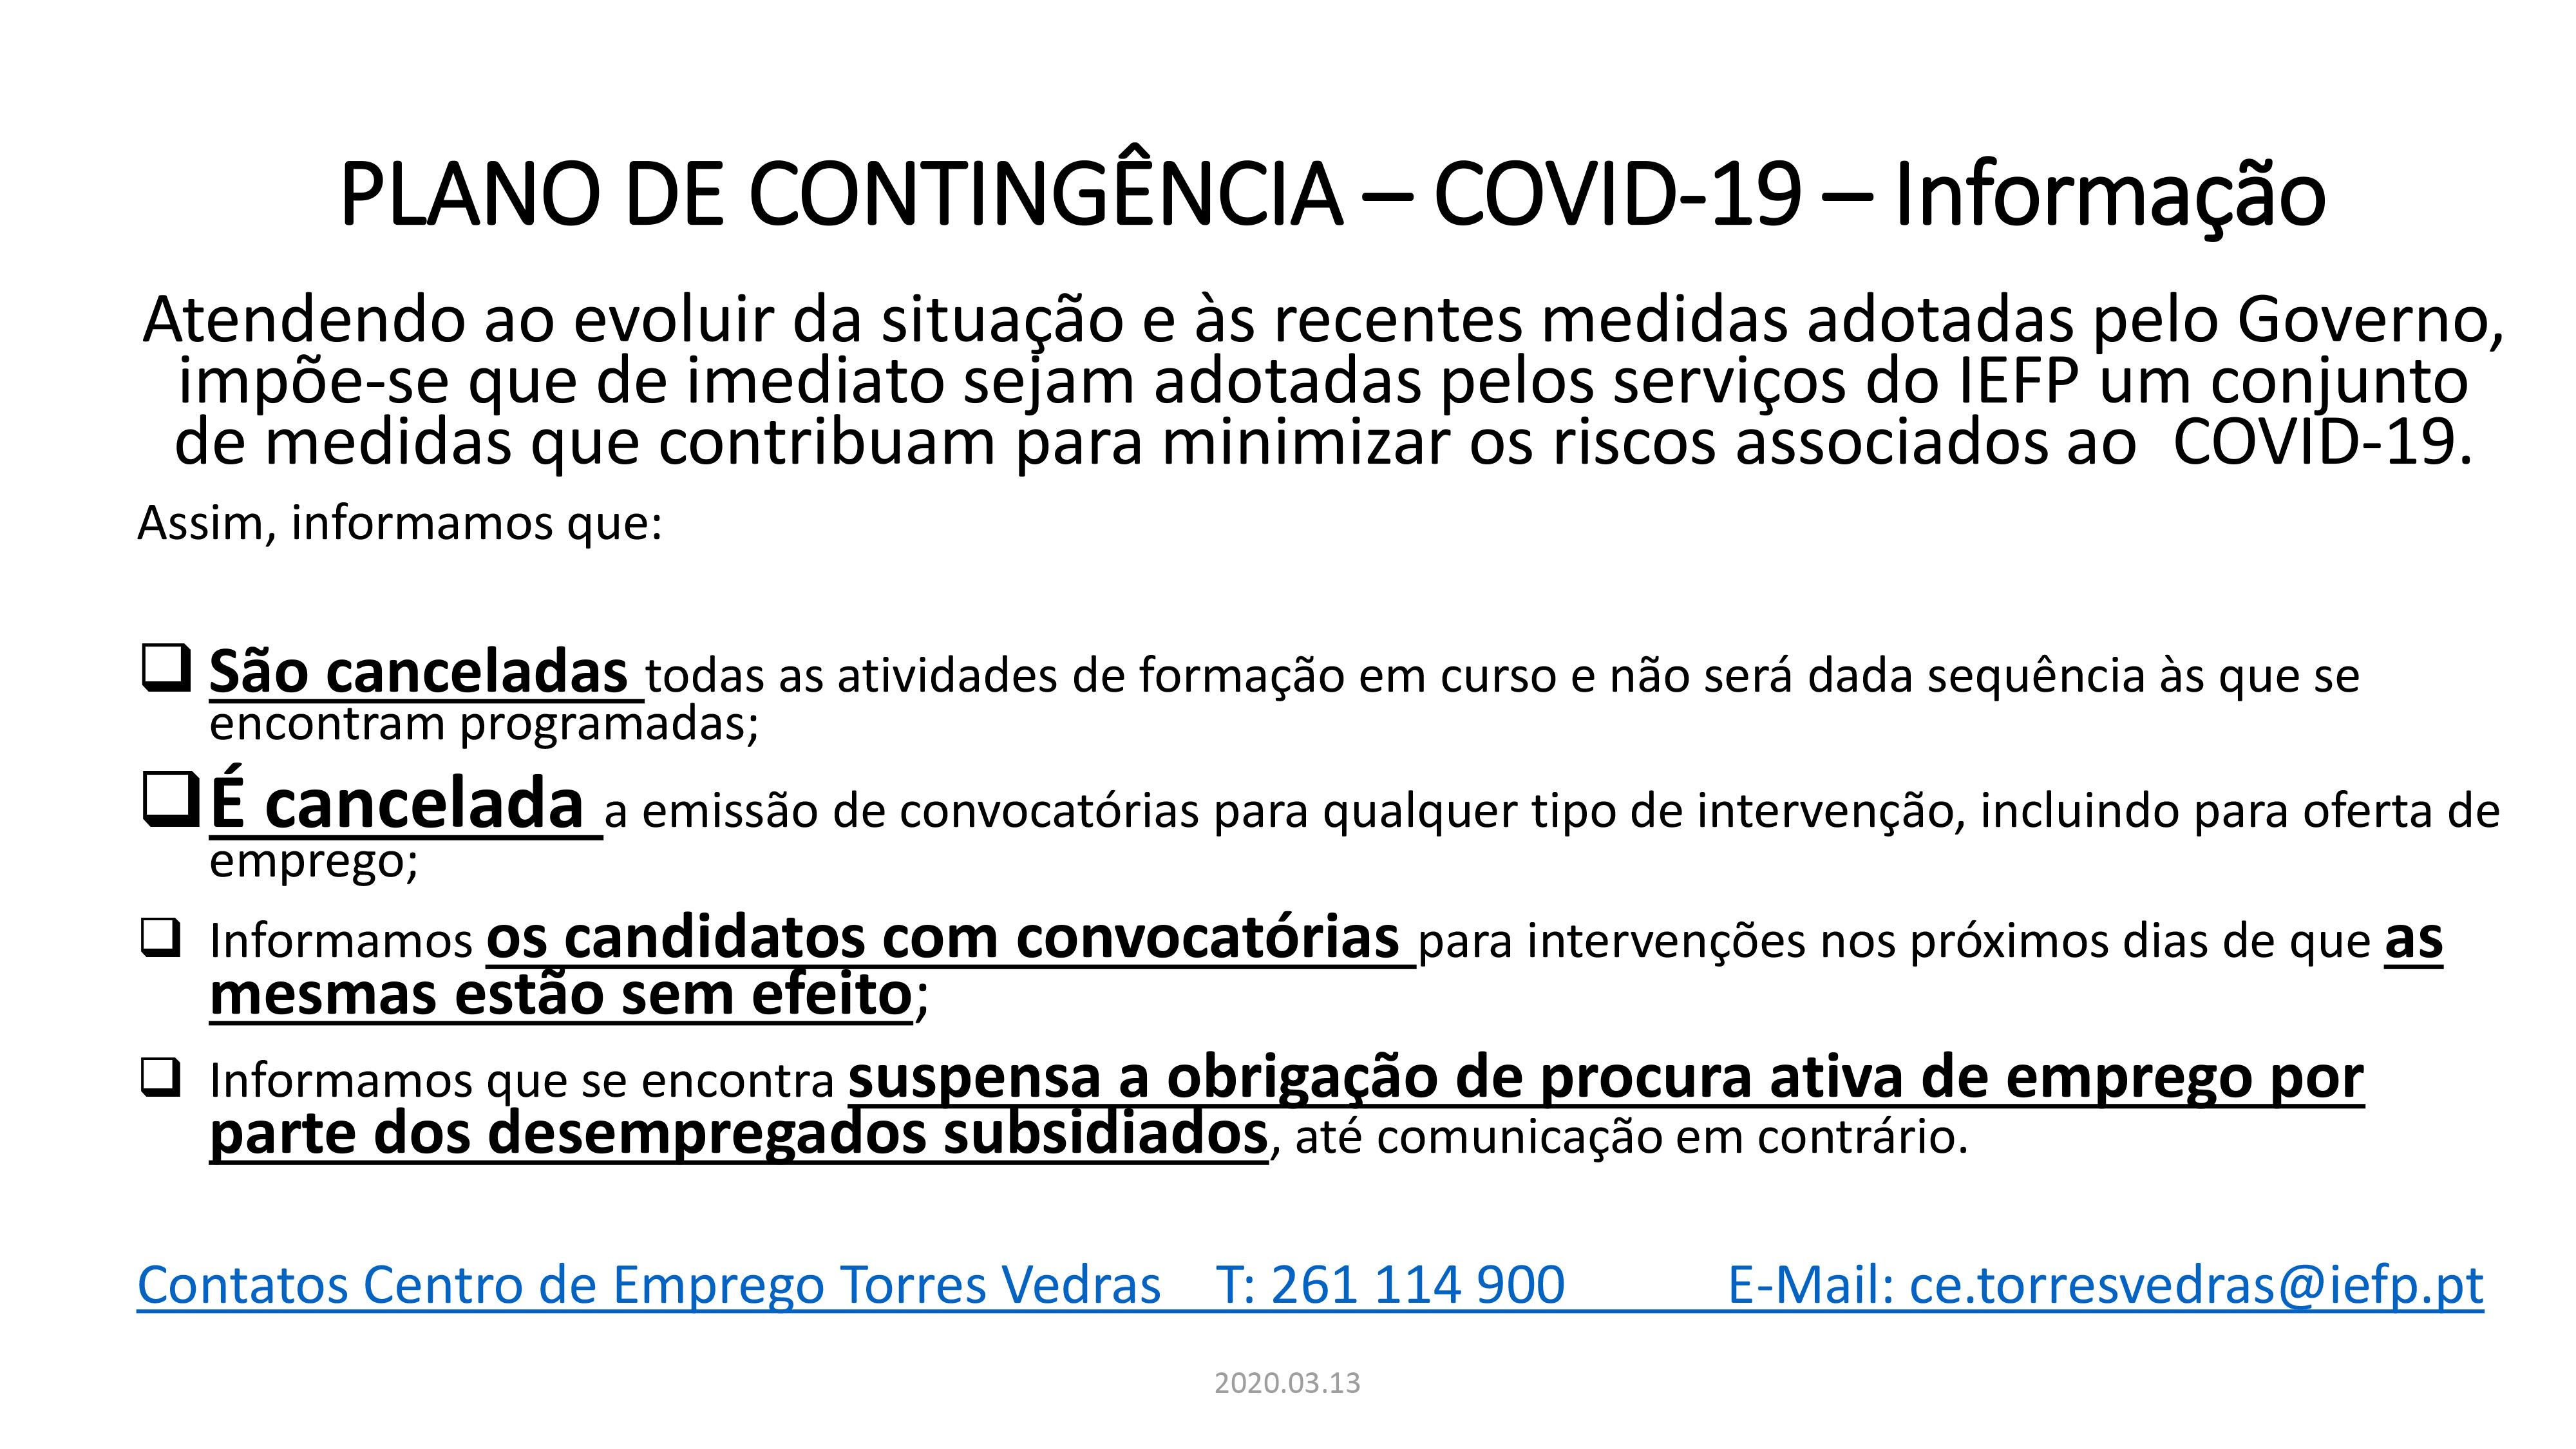 PLANO DE CONTINGÊNCIA – COVID-19 - Informação